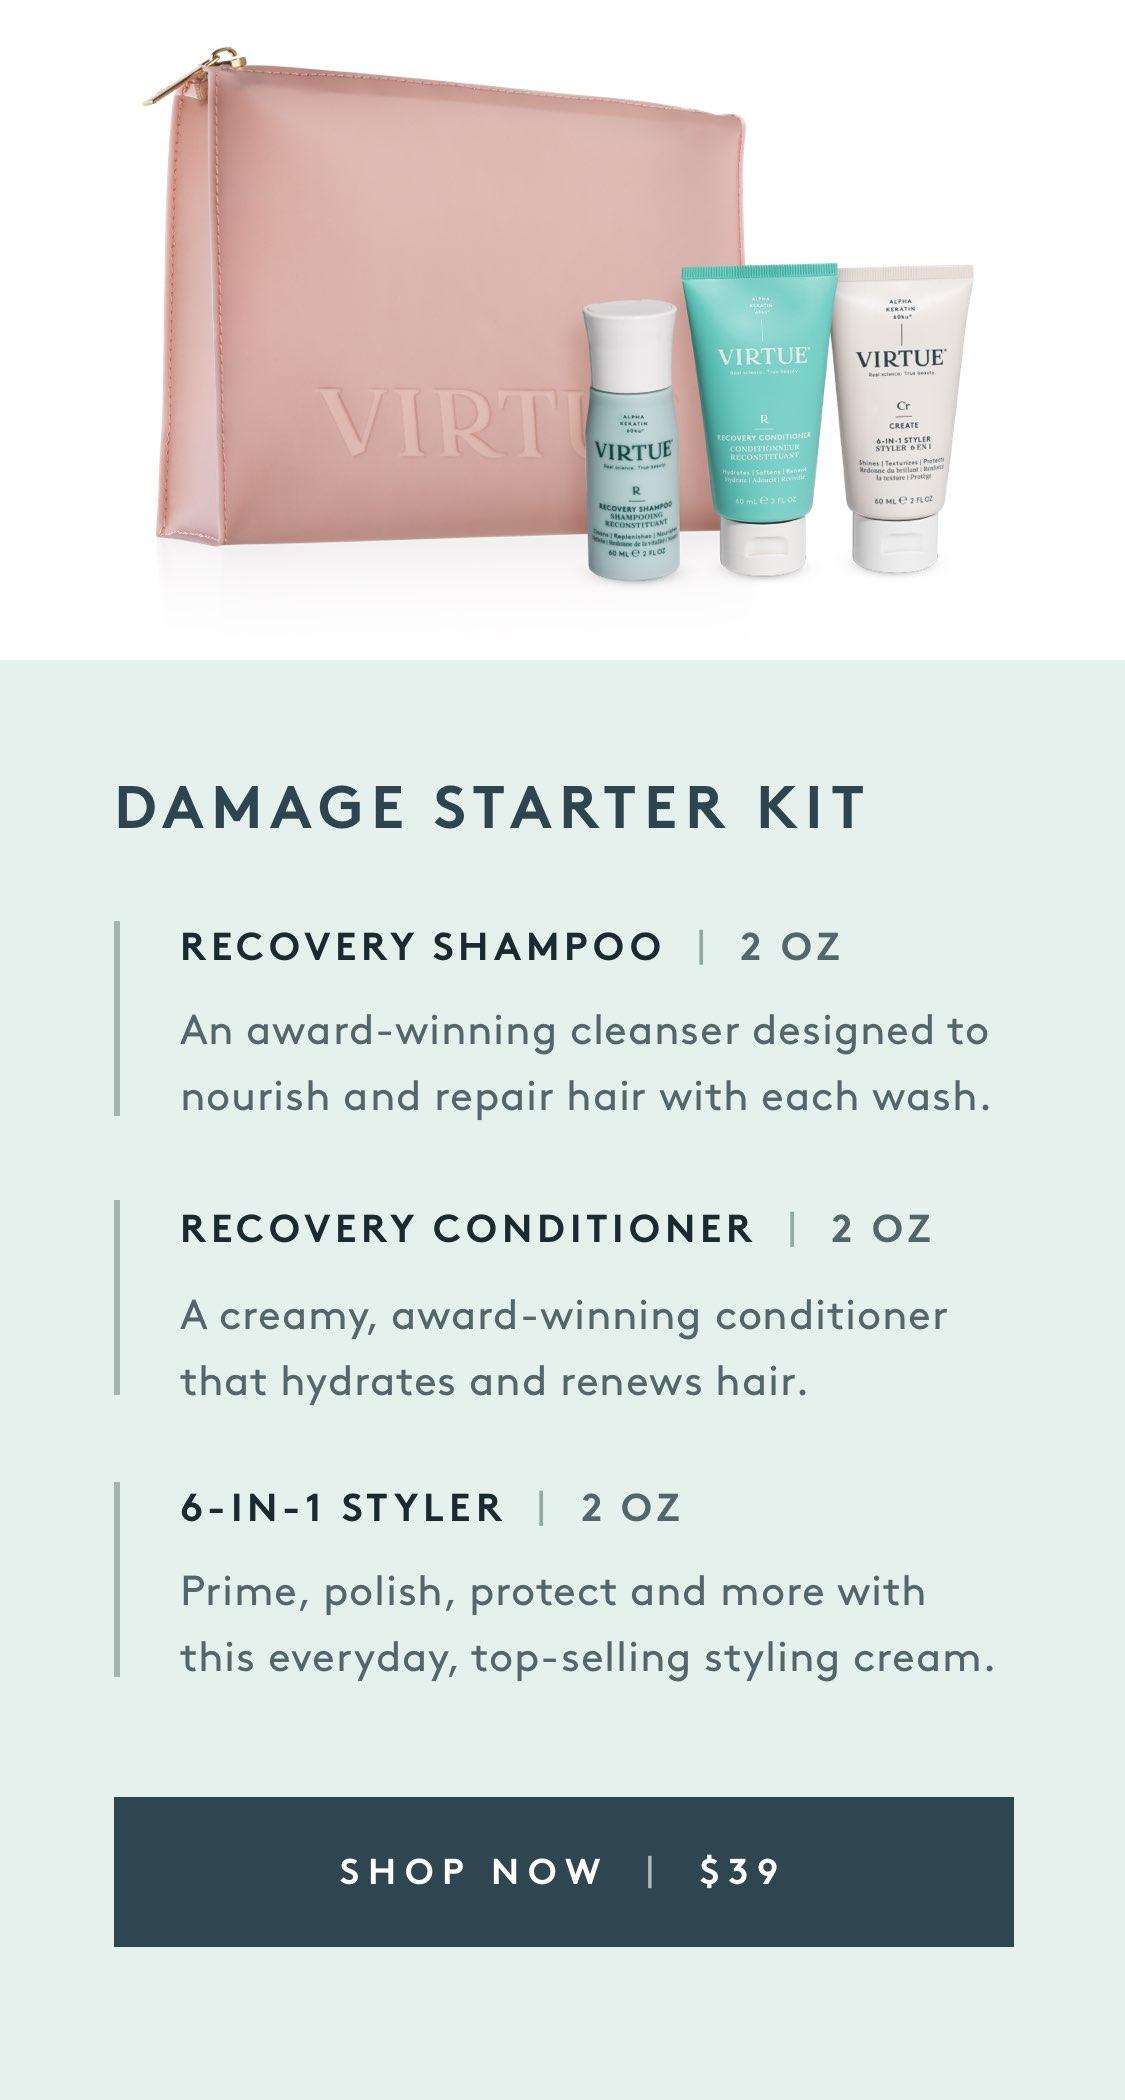 Damage Starter Kit